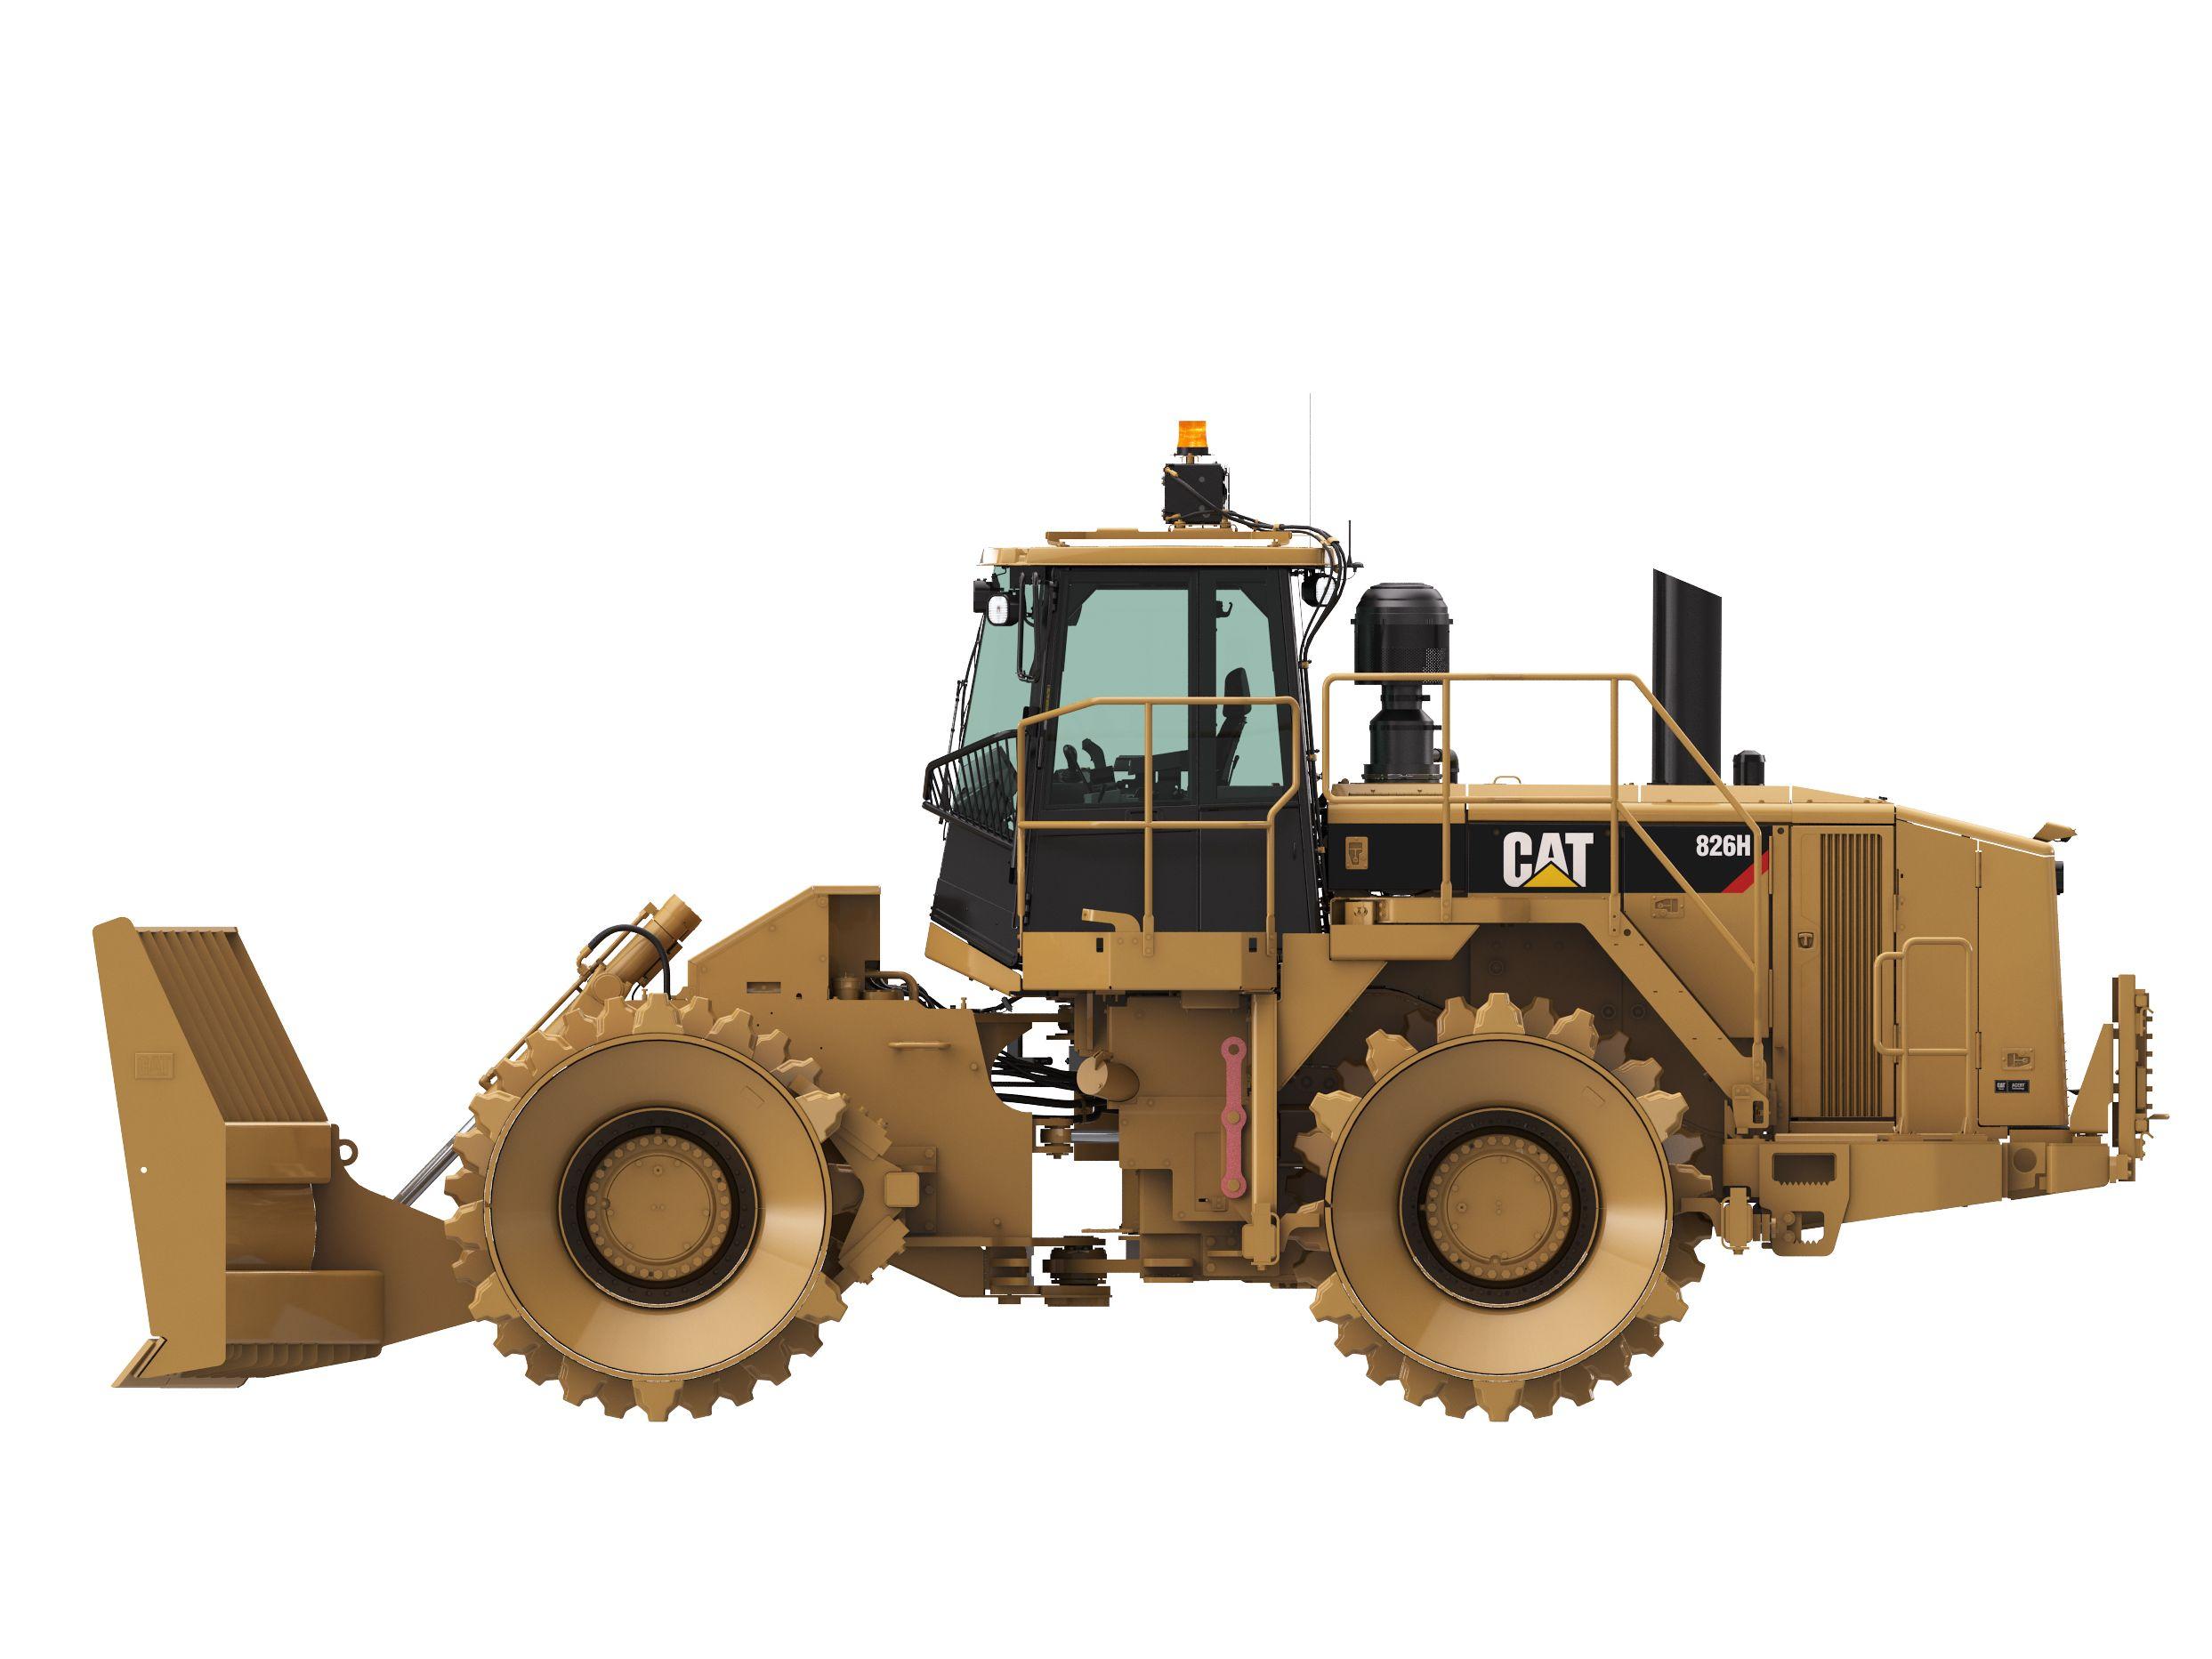 New Caterpillar Landfill Compactors